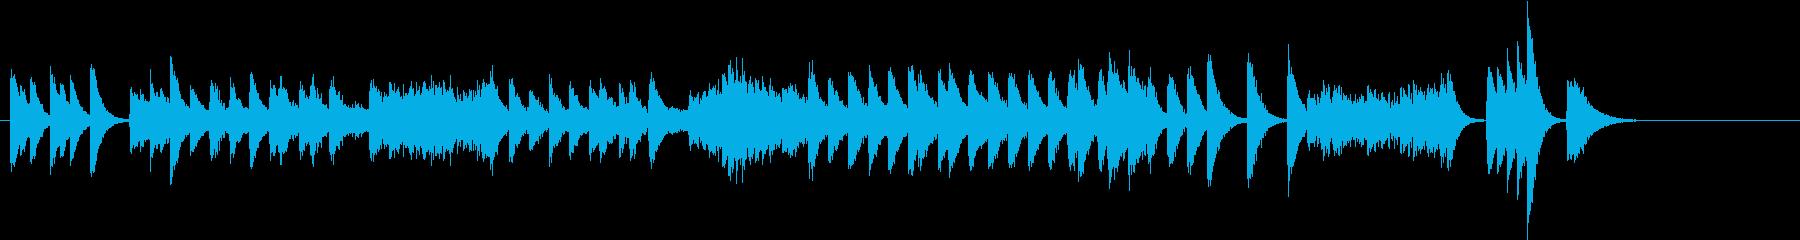 スピード感のある軽快運動会ピアノジングルの再生済みの波形